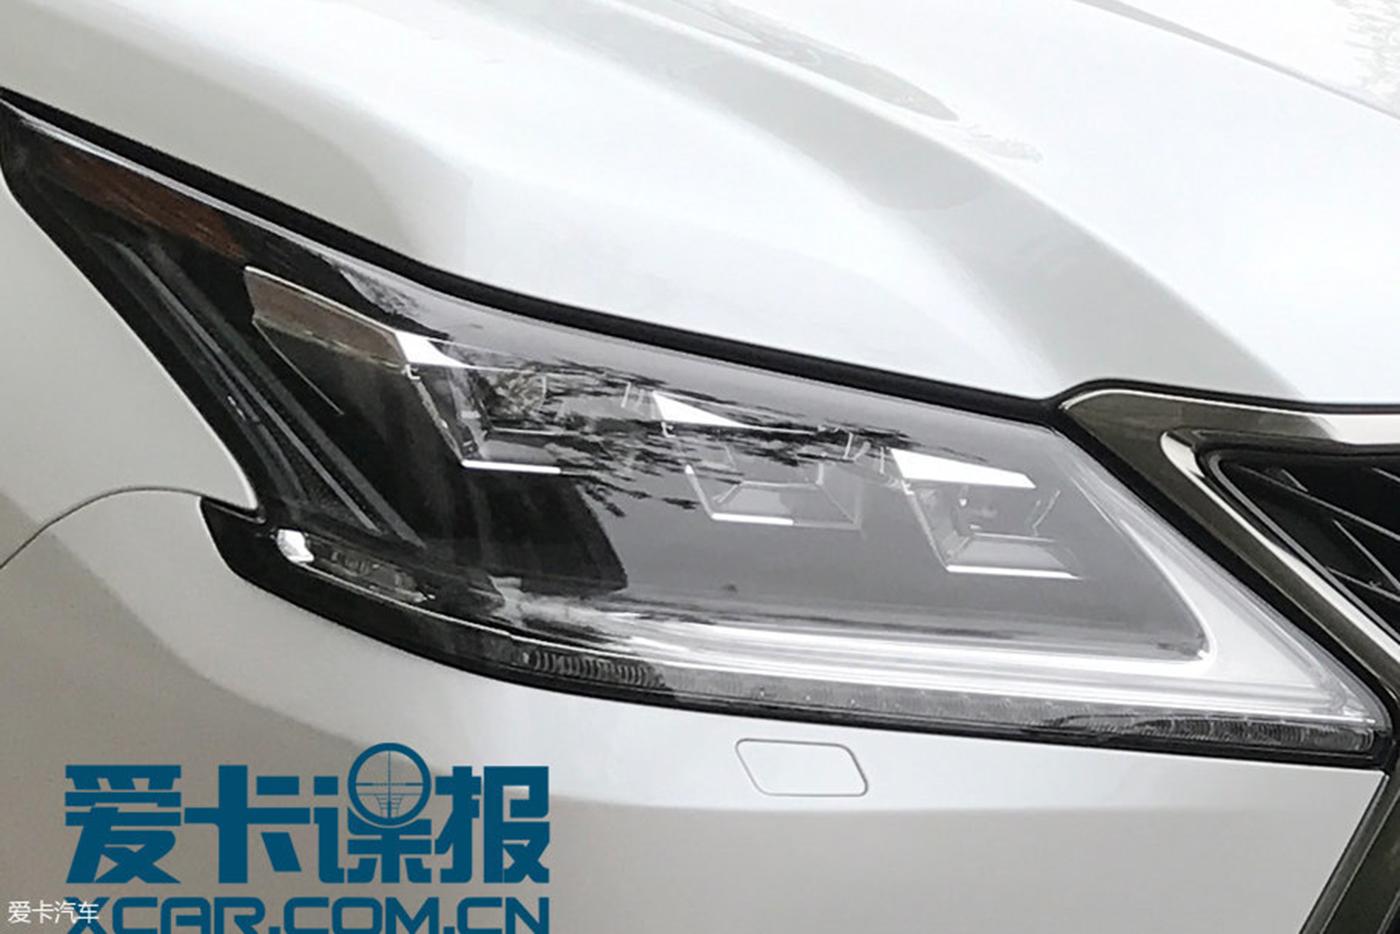 SUV hạng sang Lexus LX570 2018 trông thế nào? - ảnh 2